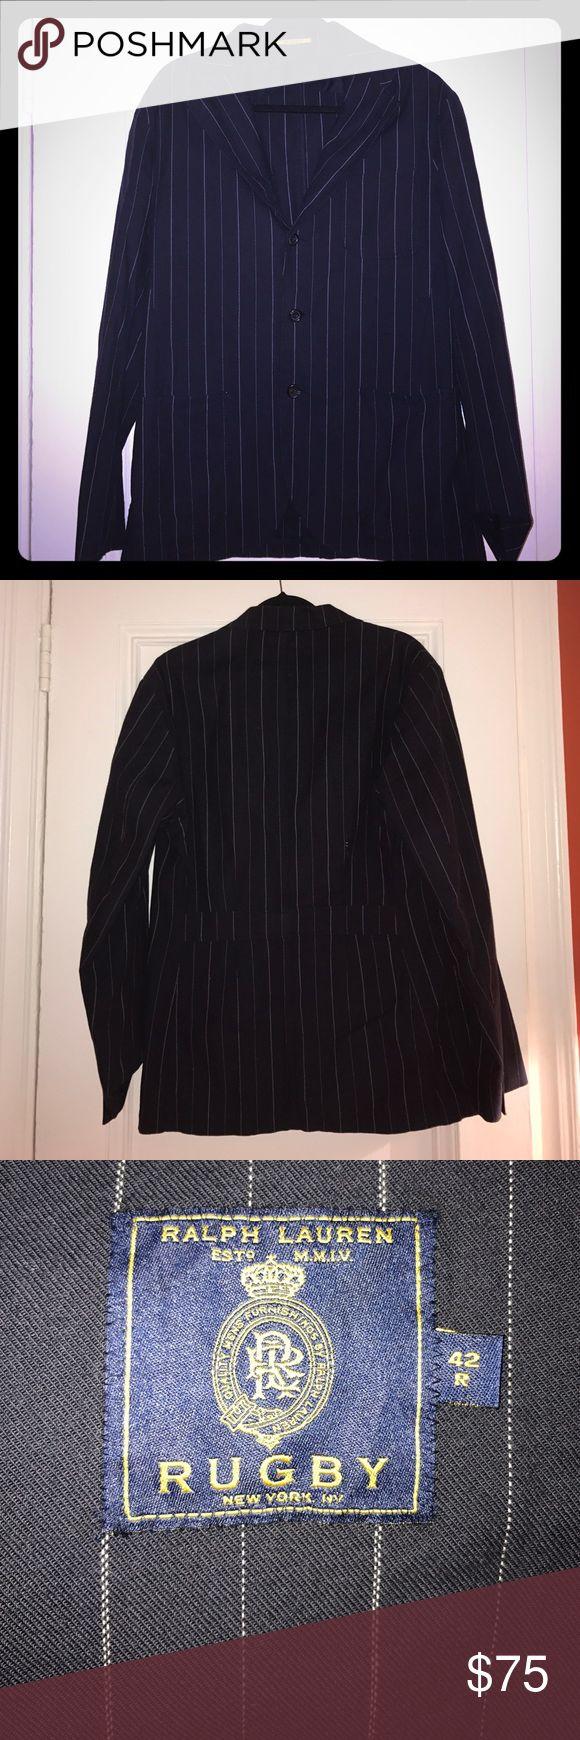 Ralph Lauren RUGBY navy pinstripe cotton blazer Ralph Lauren RUGBY navy pinstripe cotton blazer EUC Ralph Lauren Suits & Blazers Sport Coats & Blazers